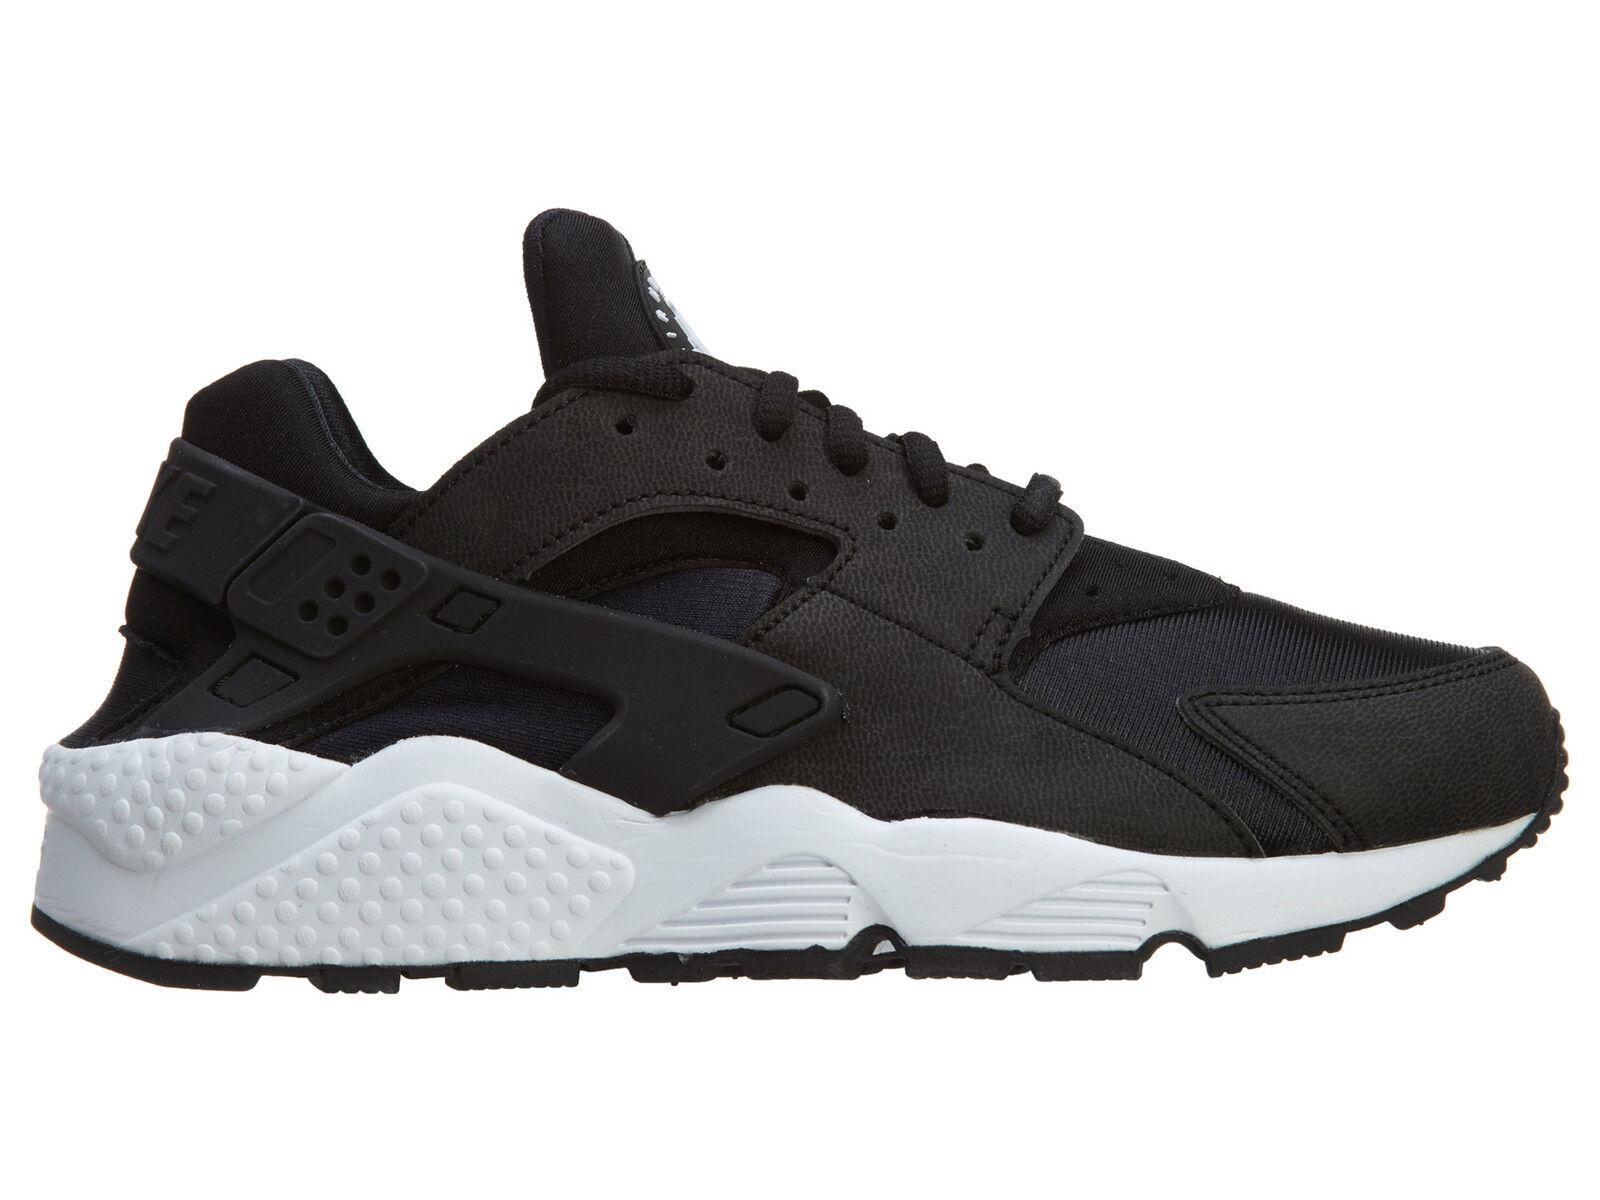 Nike Air Huarache Run Womens 634835-006 Black White Running Shoes Wmns Size 10